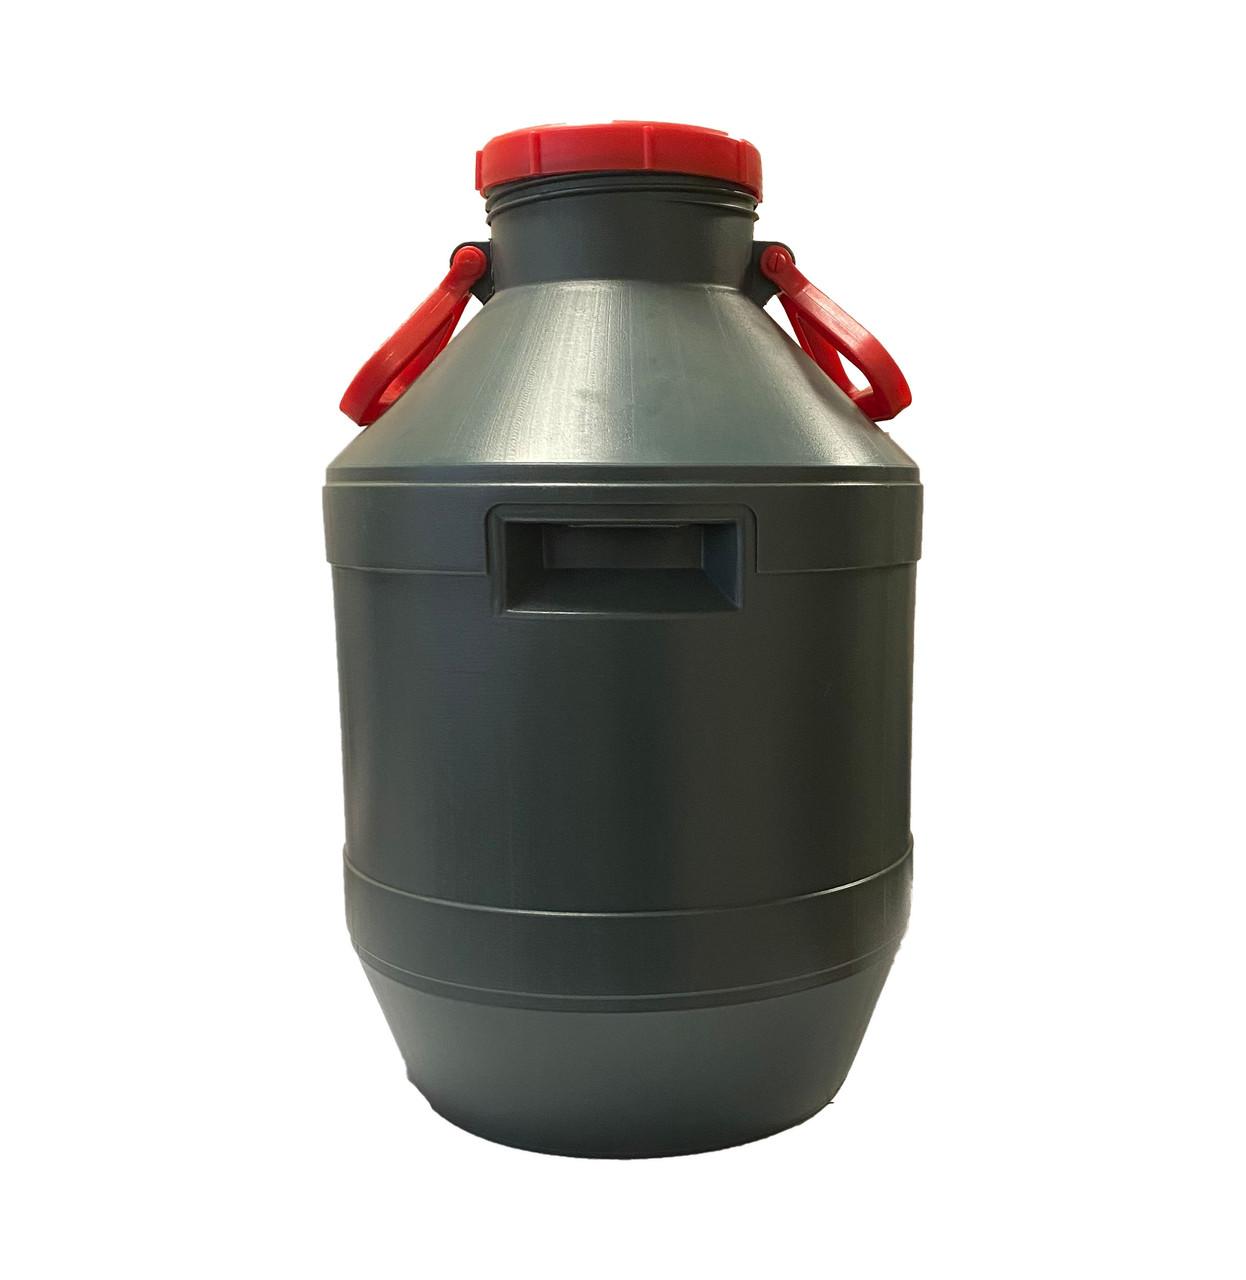 Бідон (бочка) харчовий пластиковий, 40л, АКЦІЙНИЙ, Од